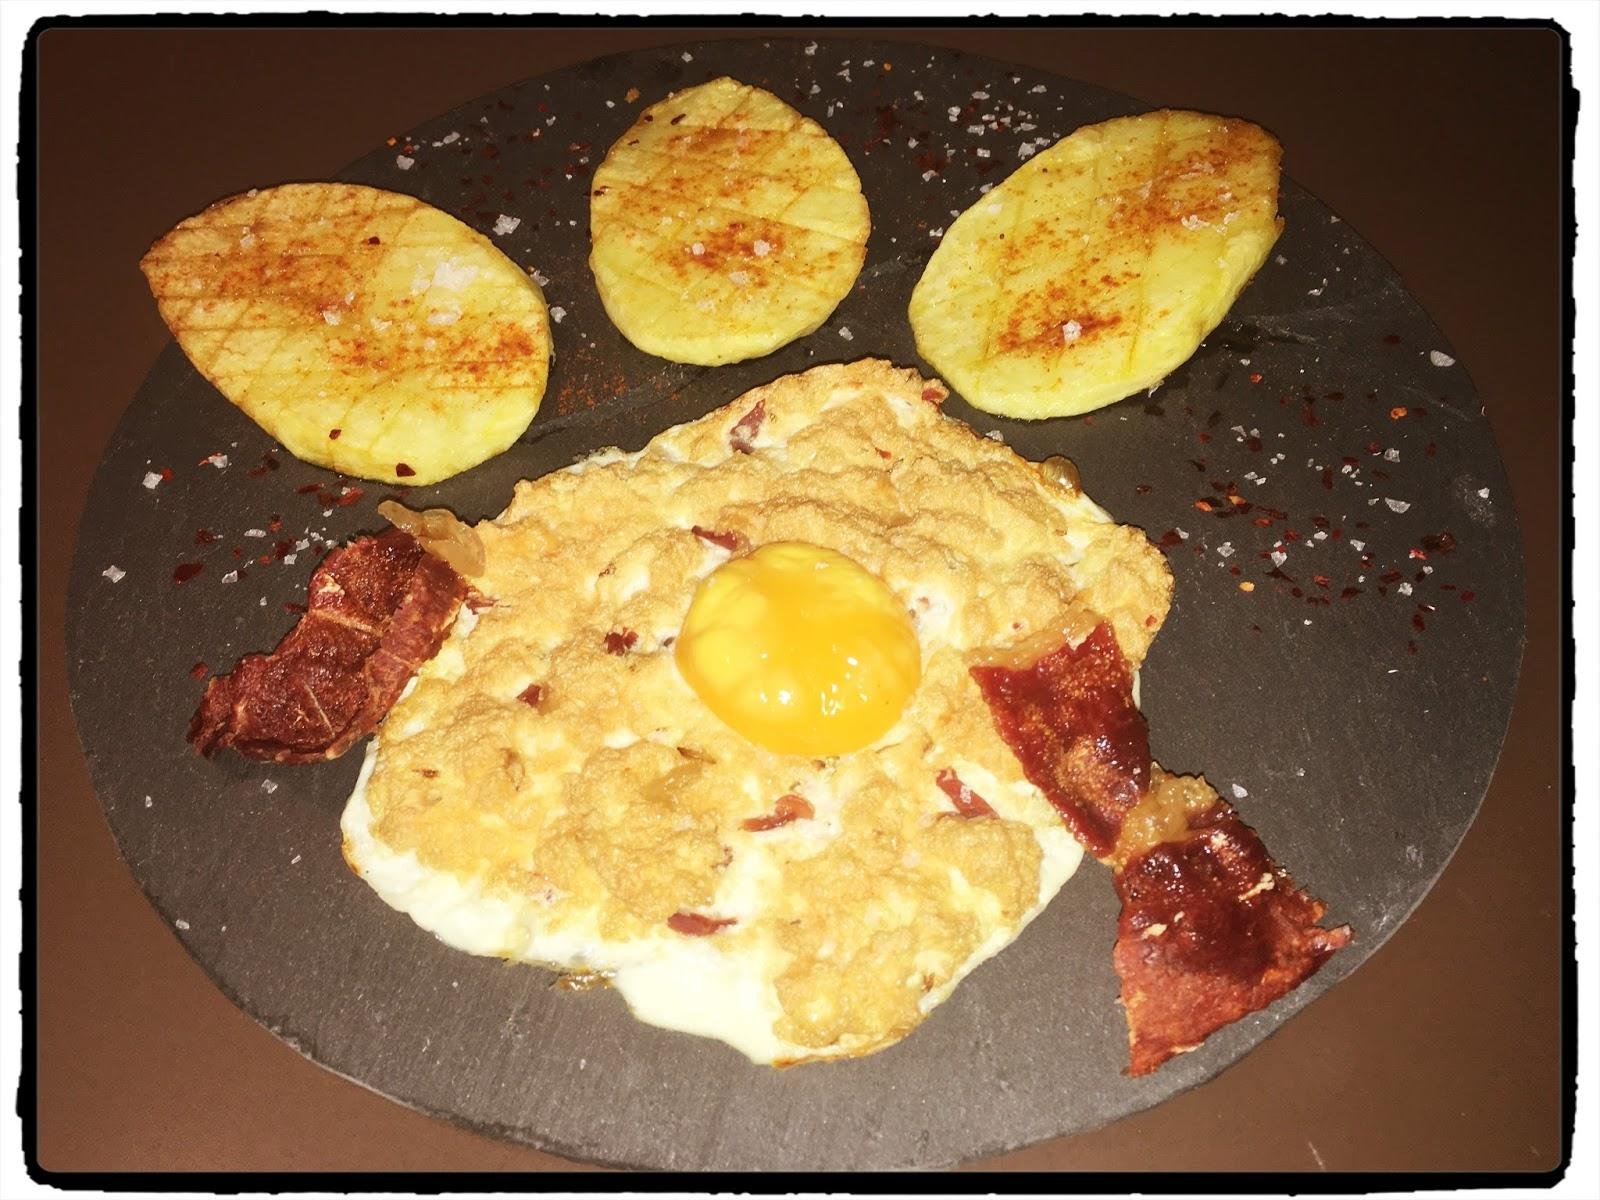 Cocina tu alegr a huevos fritos al horno con patatas y for Cocina con alegria